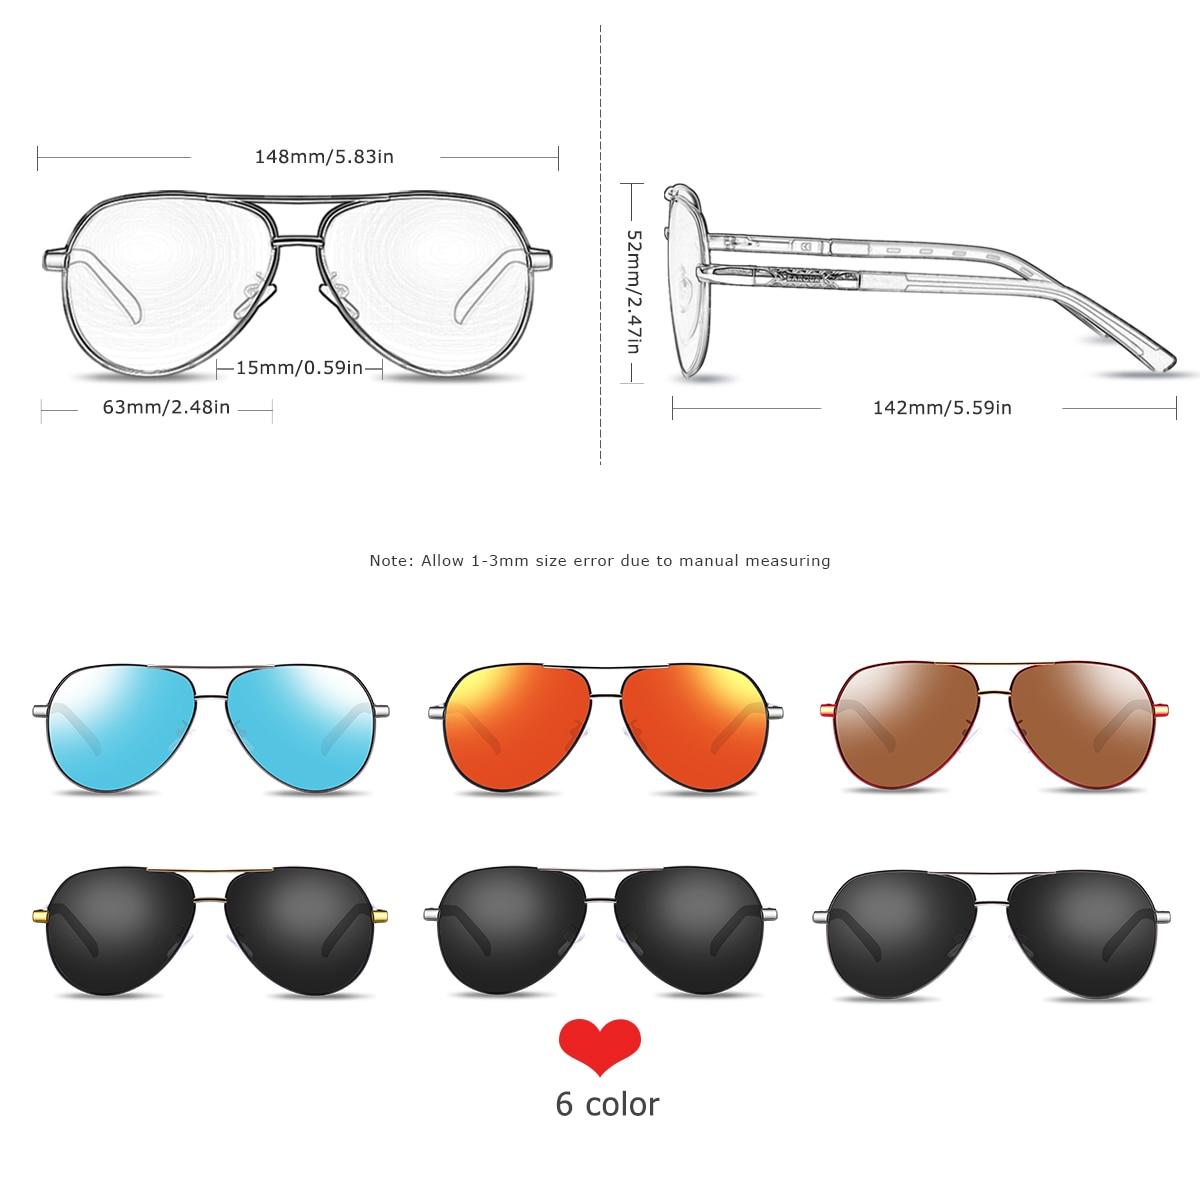 BARCUR Fashion Glasses Hot Style Men sunglasses Polarized UV400 Protection Driving Sun Glasses Male Oculos de sol 3